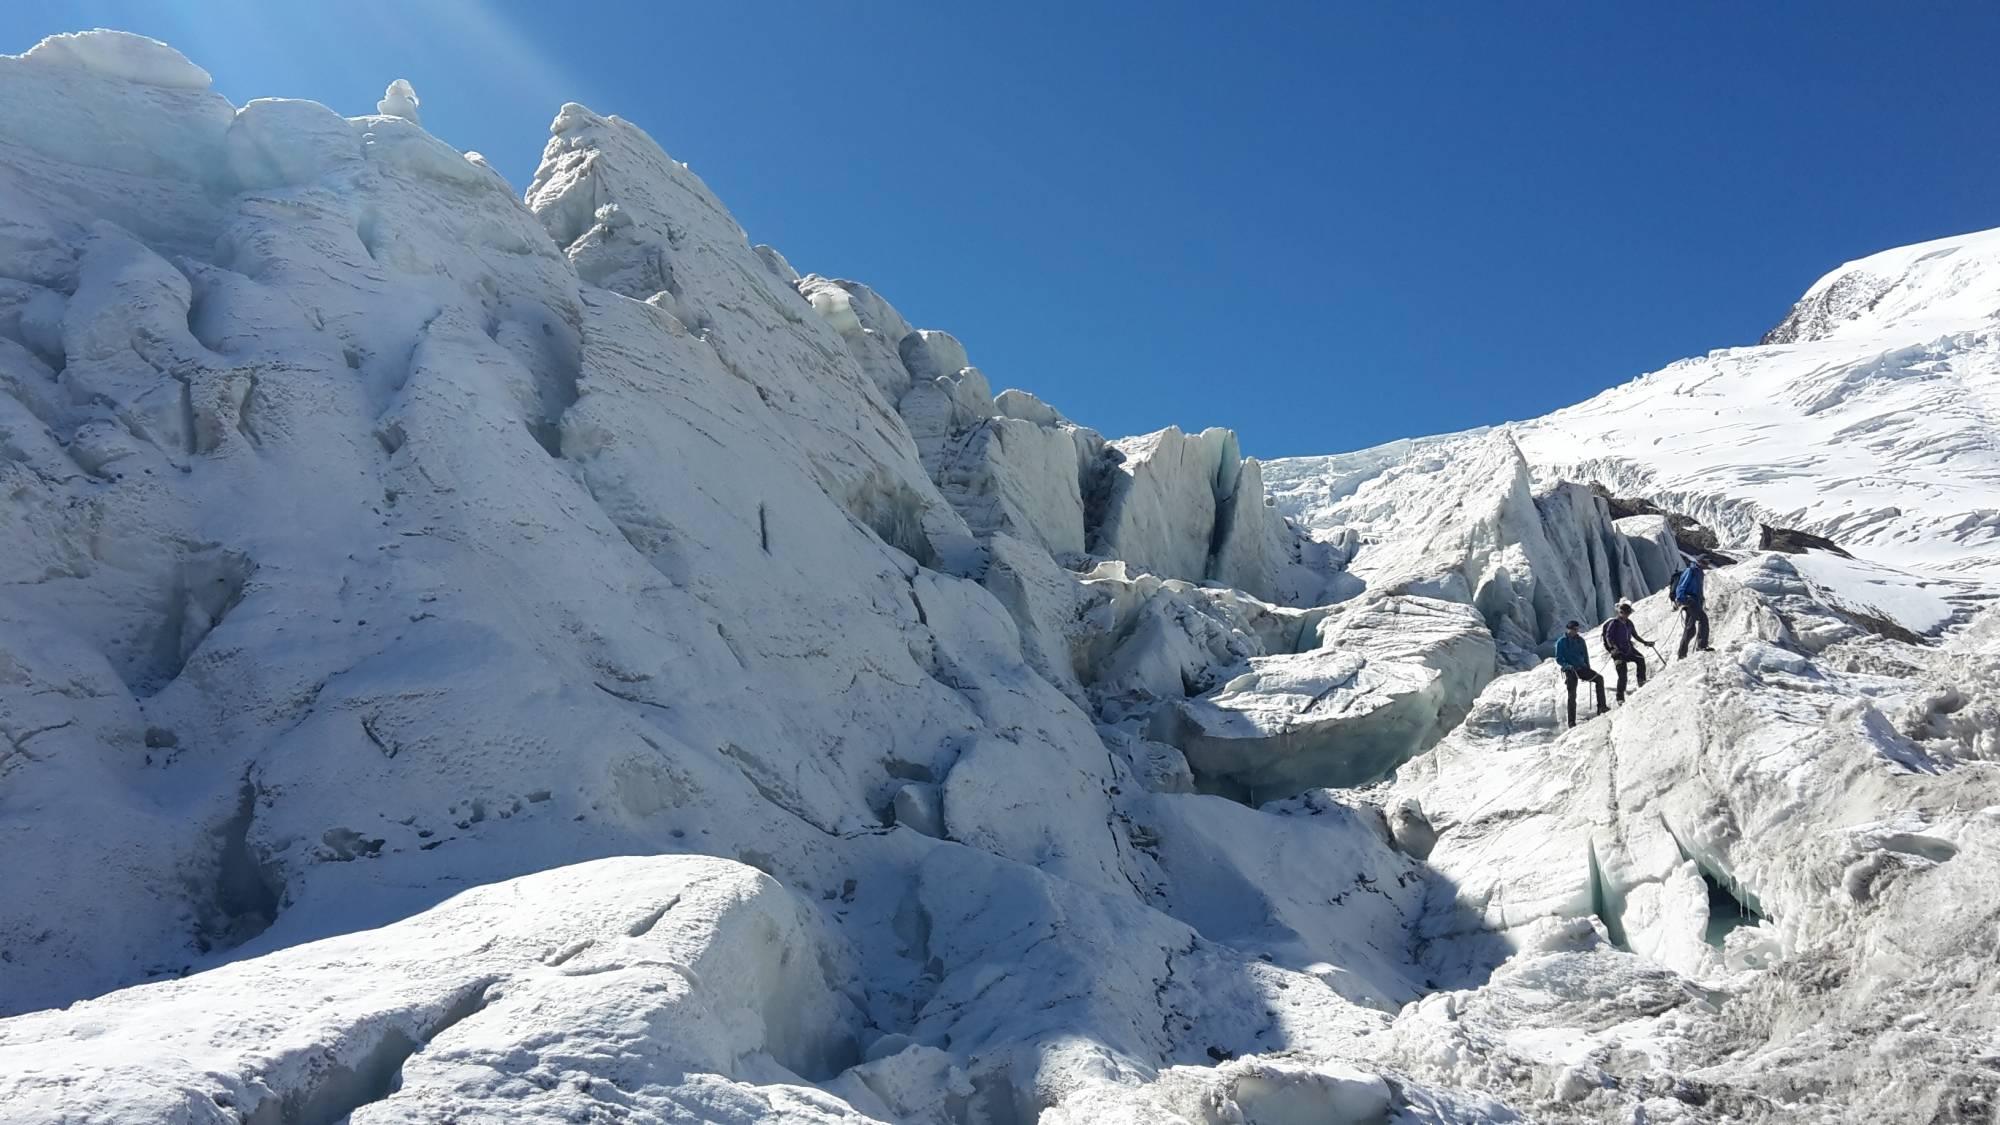 Klettergurt Für Gletscher : Die gletscher erlebnistour saas fee guides